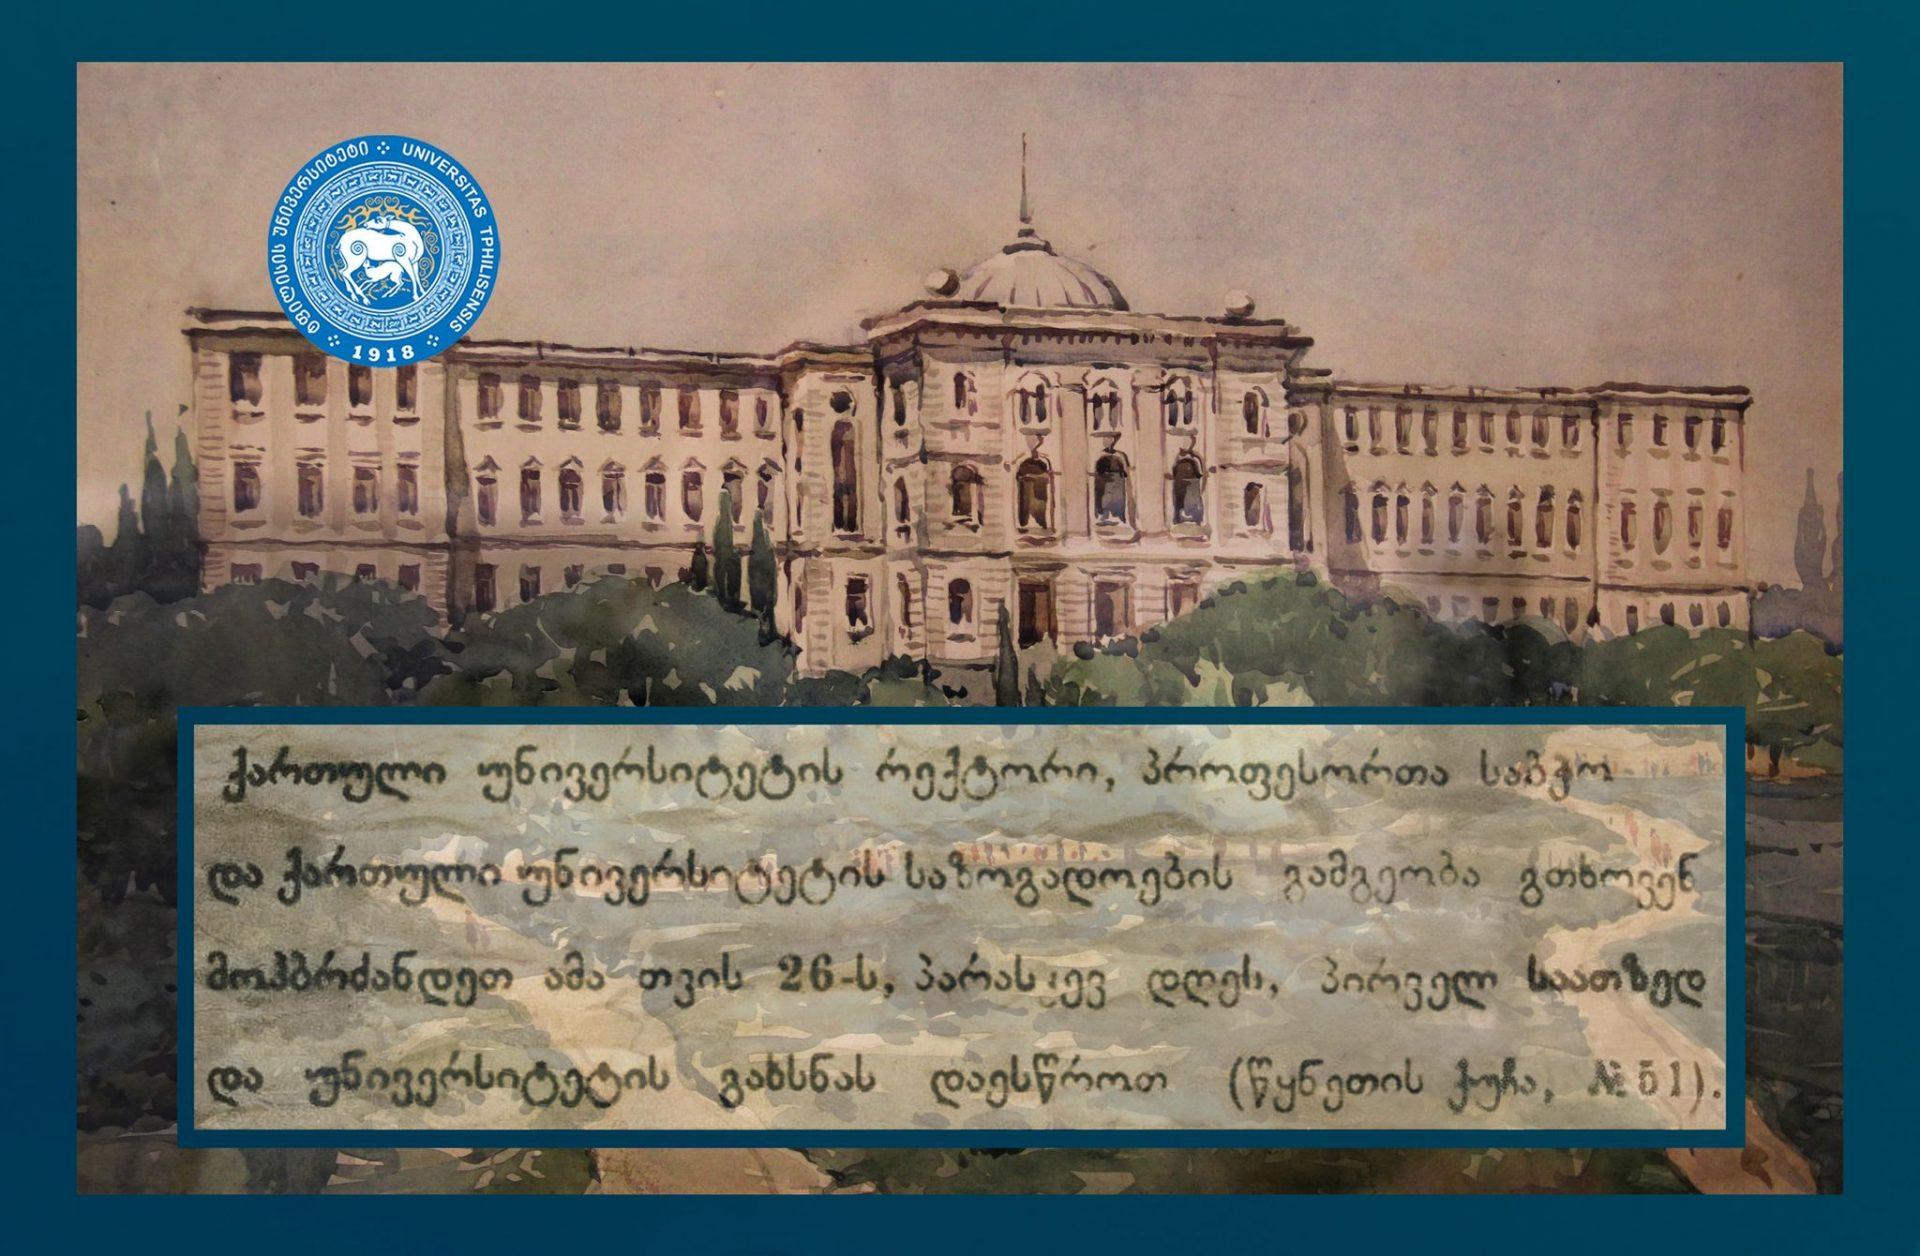 ეროვნული უნივერსიტეტი